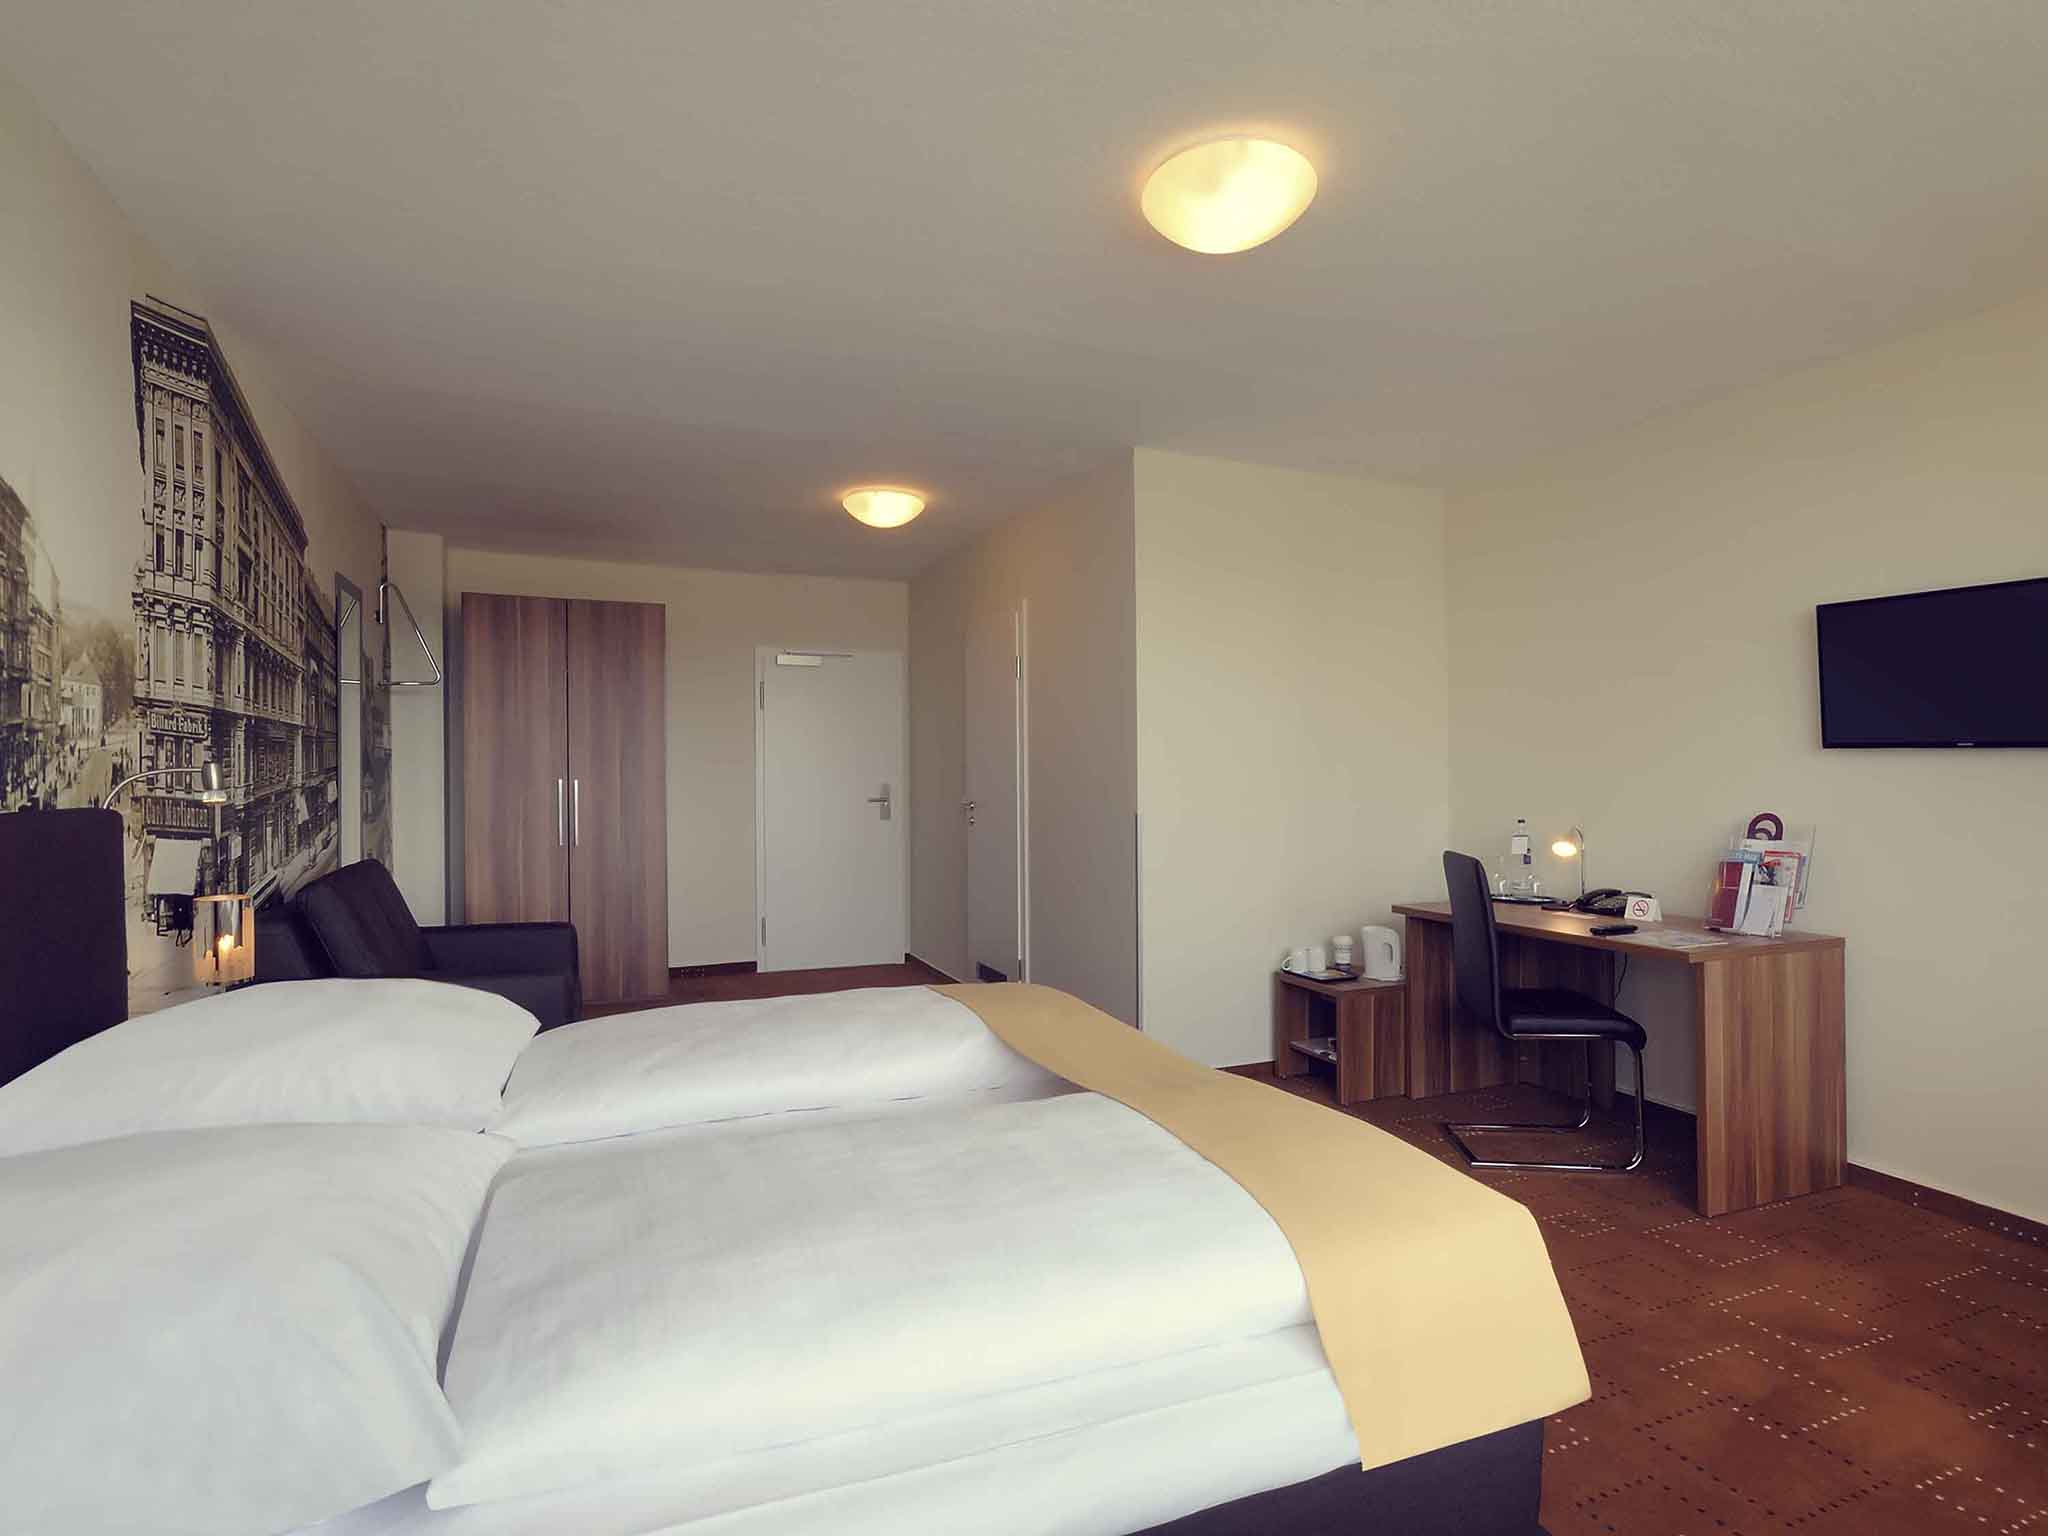 فندق - فندق مركيور Mercure برلين أم ألكسندر بلاتز